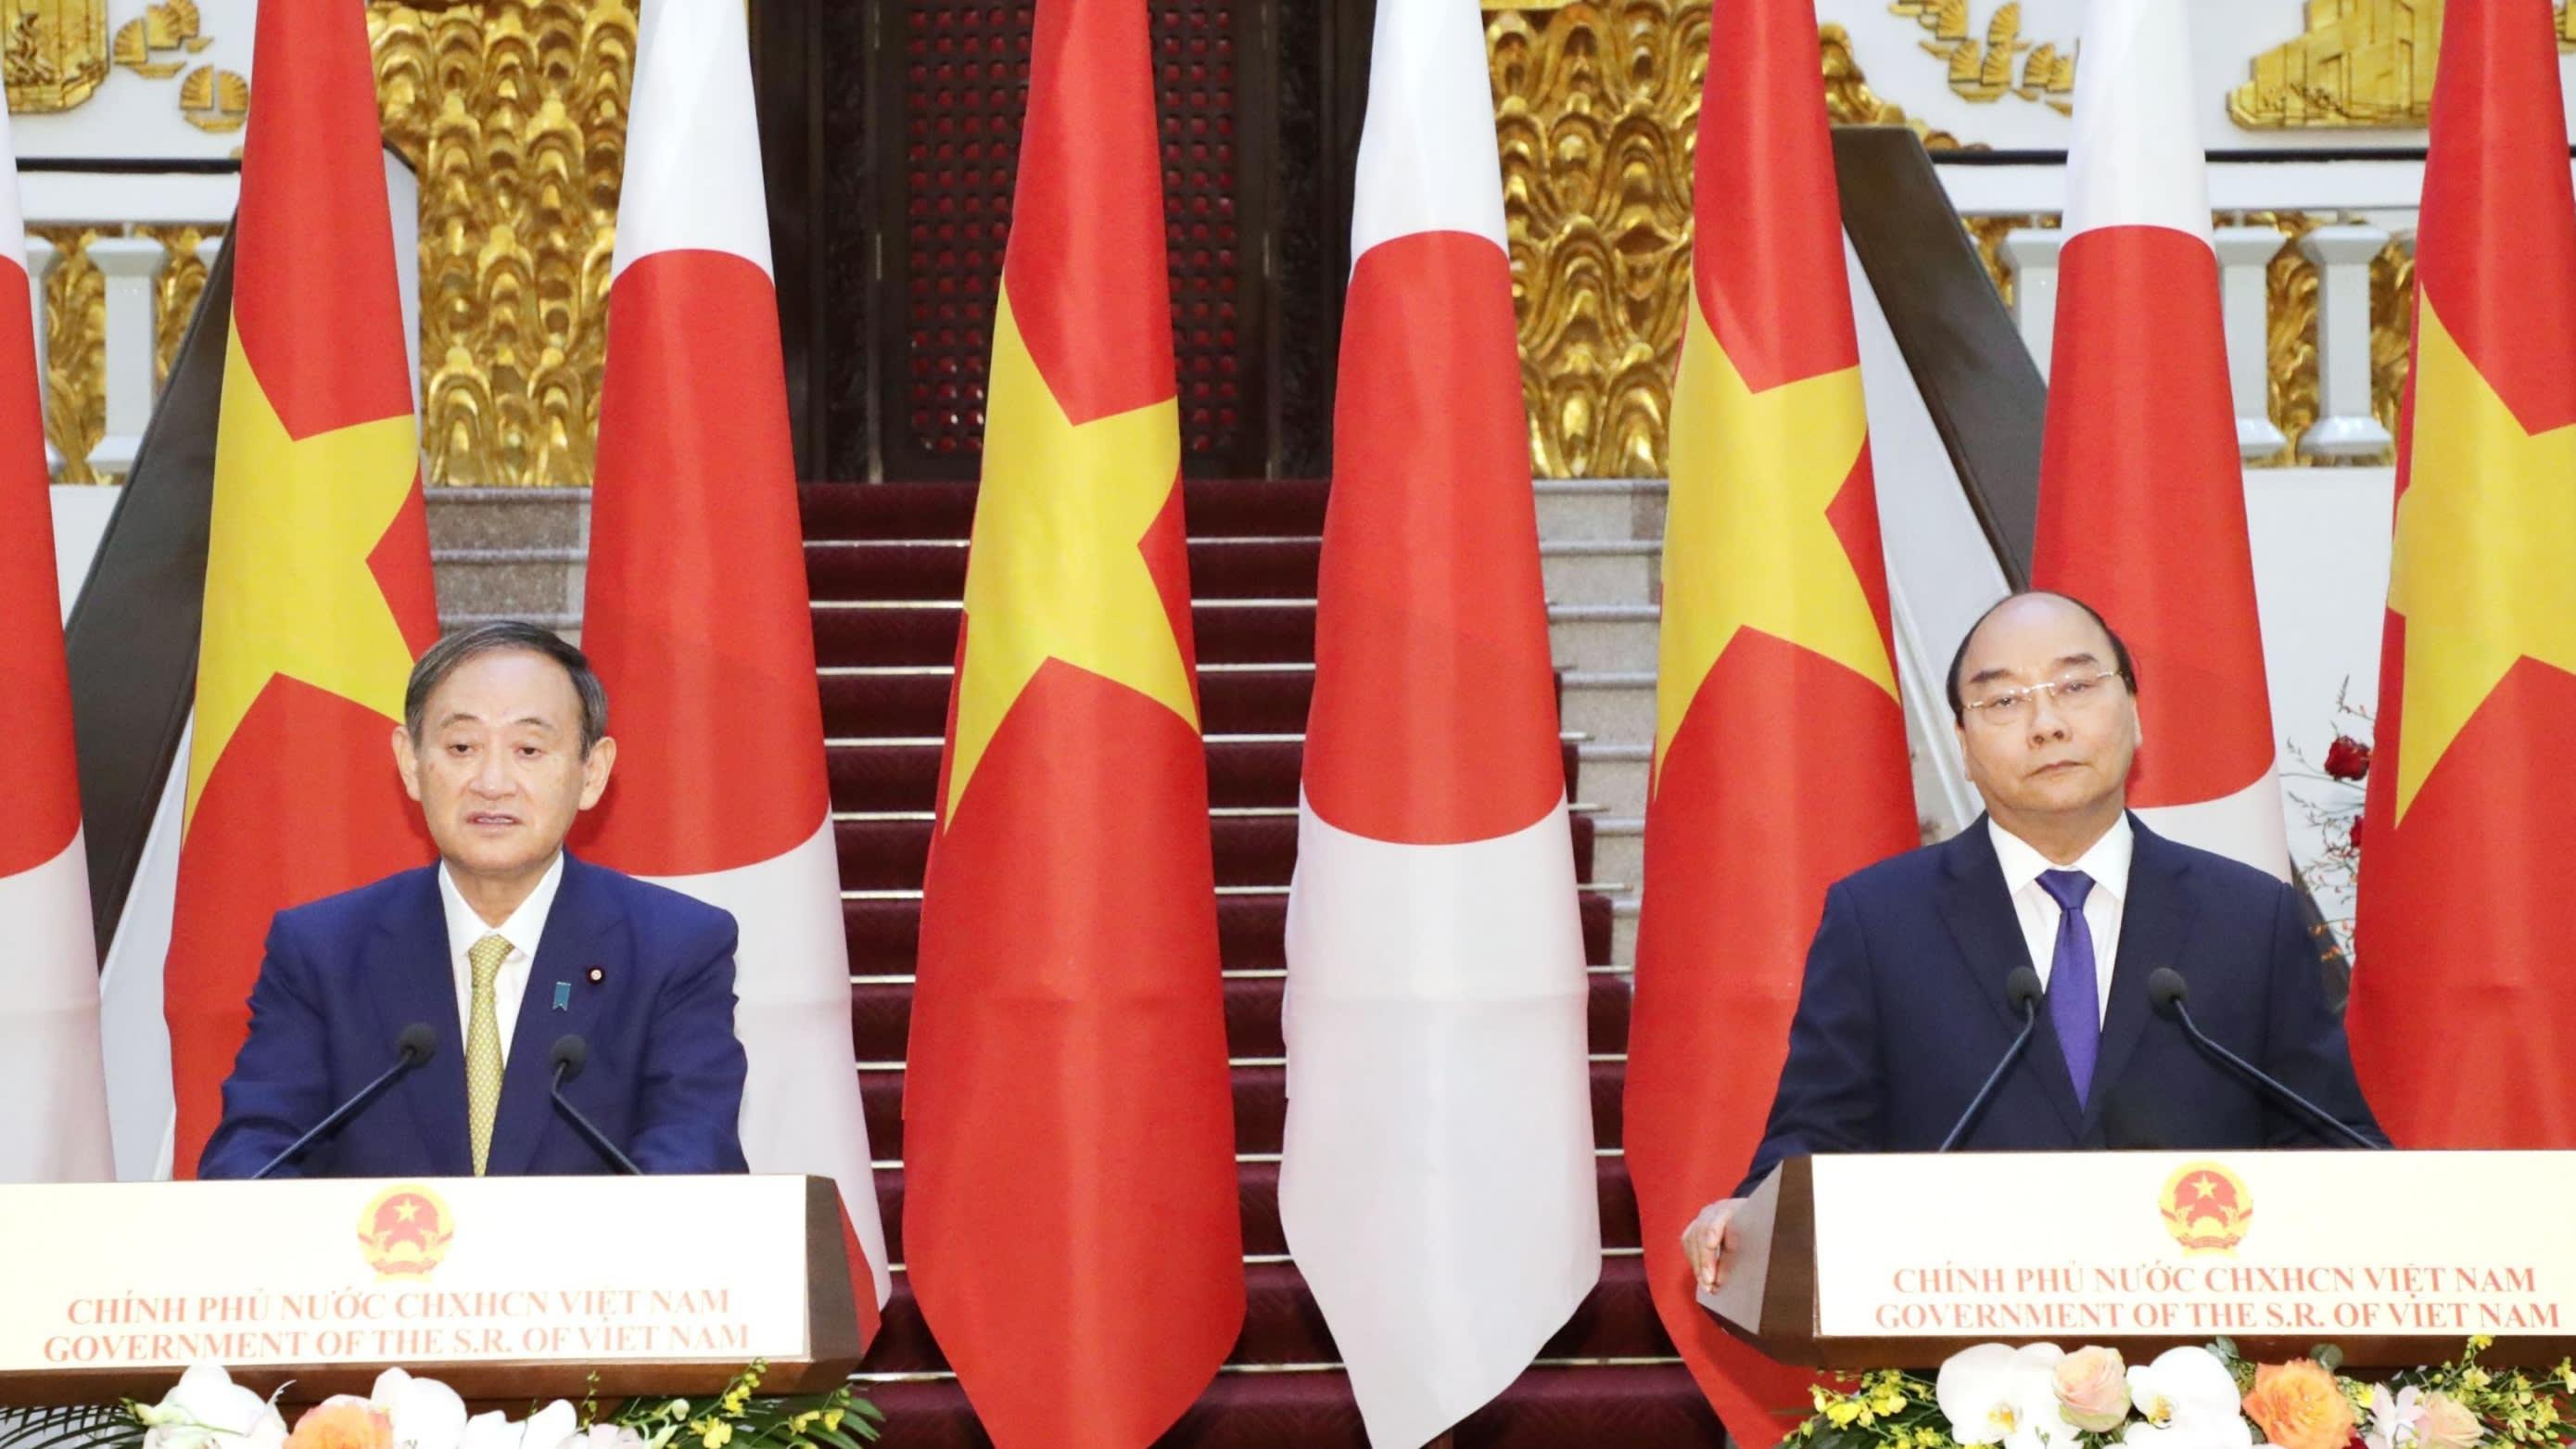 Truyền thông quốc tế đưa tin về chuyến thăm Việt Nam của tân Thủ tướng Nhật Bản - Ảnh 4.